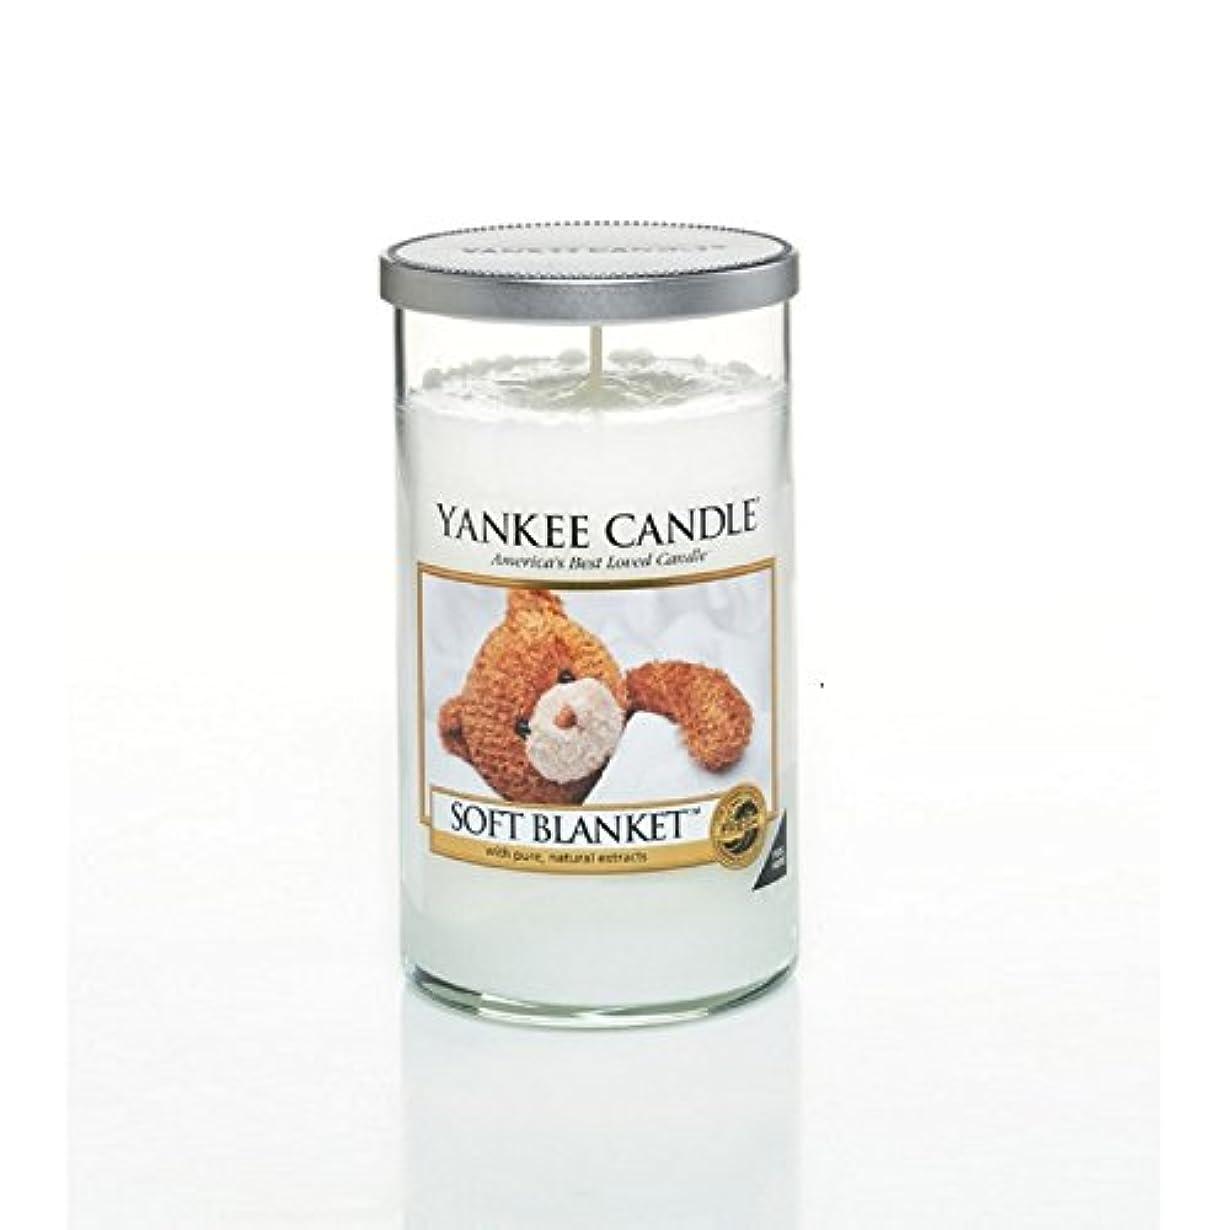 袋八百屋さんアイドルヤンキーキャンドルメディアピラーキャンドル - ソフト毛布 - Yankee Candles Medium Pillar Candle - Soft Blanket (Yankee Candles) [並行輸入品]